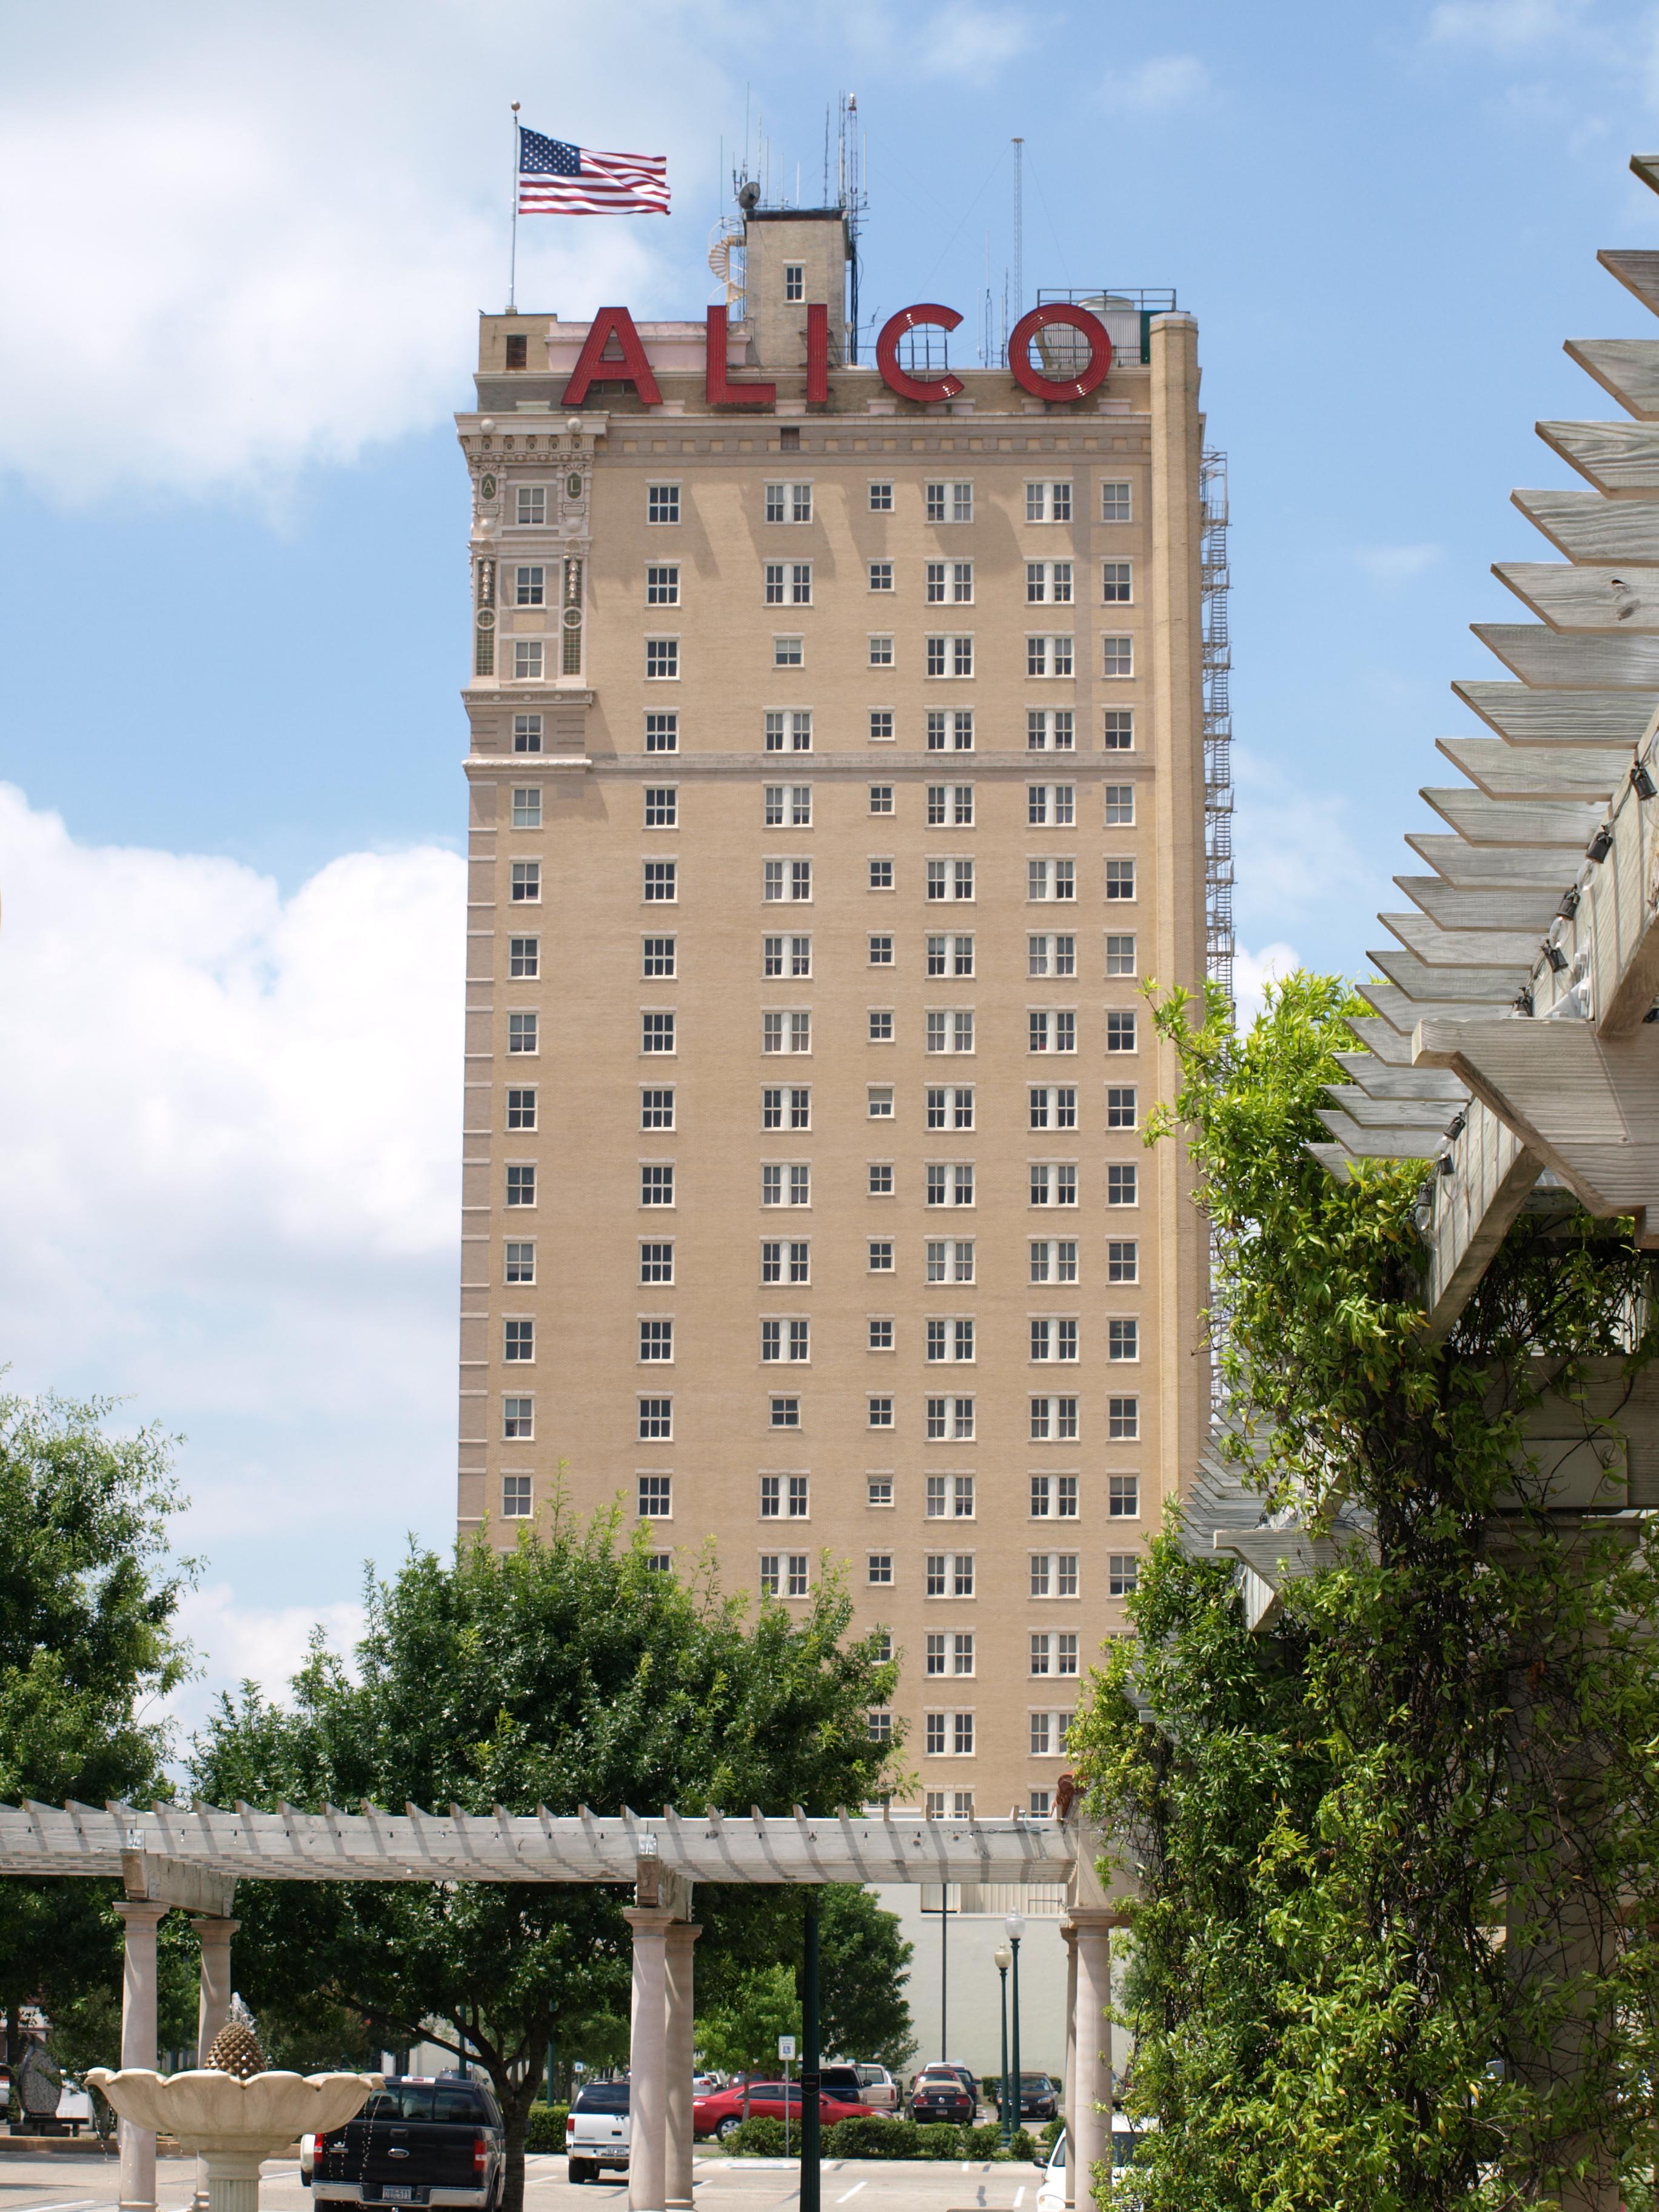 Waco Texas Familypedia Fandom Powered By Wikia